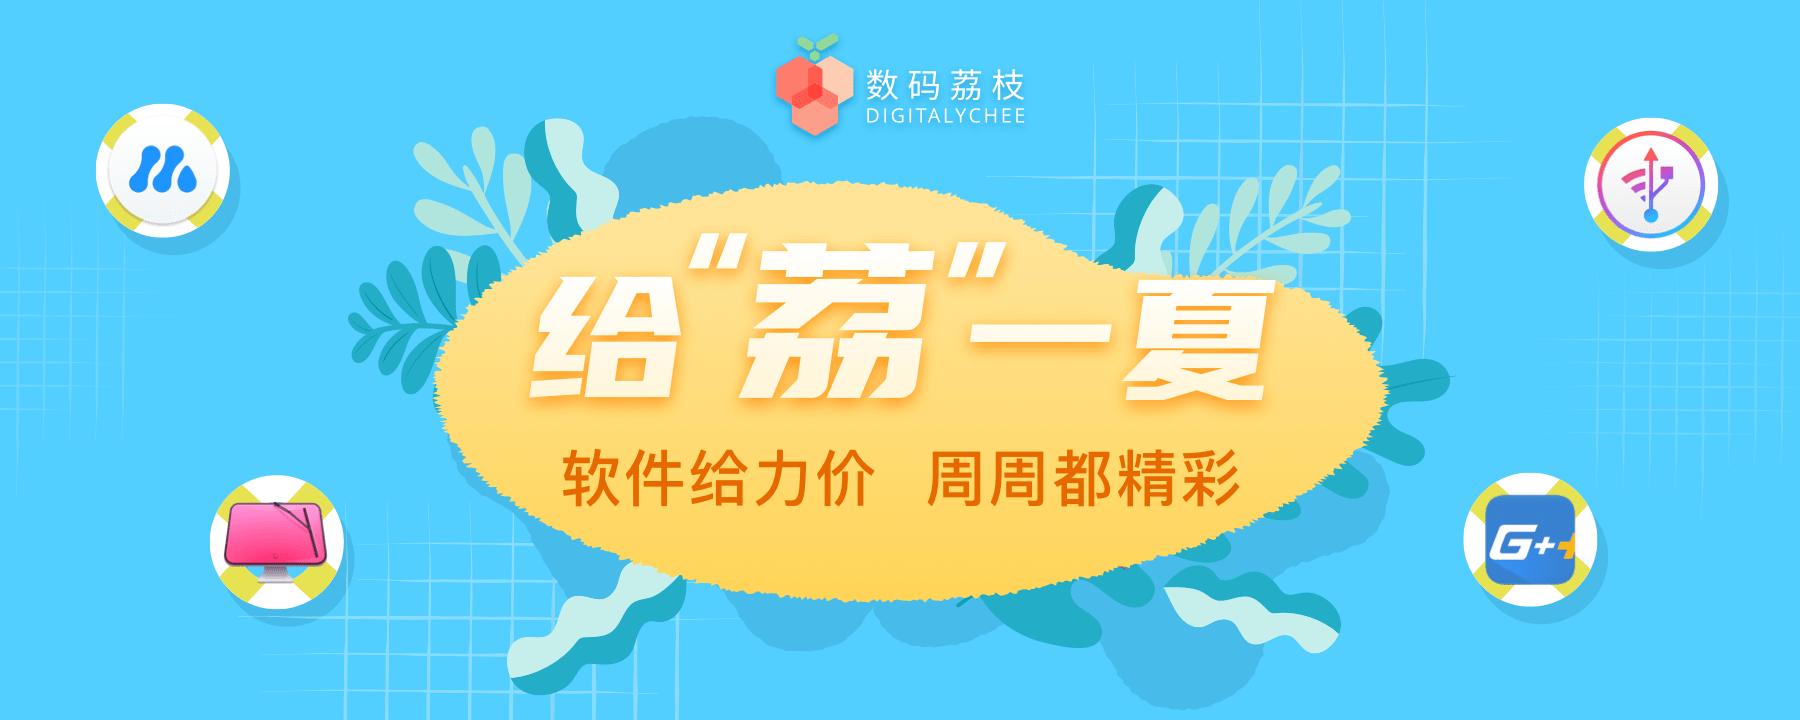 """给""""荔""""一夏惊喜第一弹,爆款软件独家优惠"""